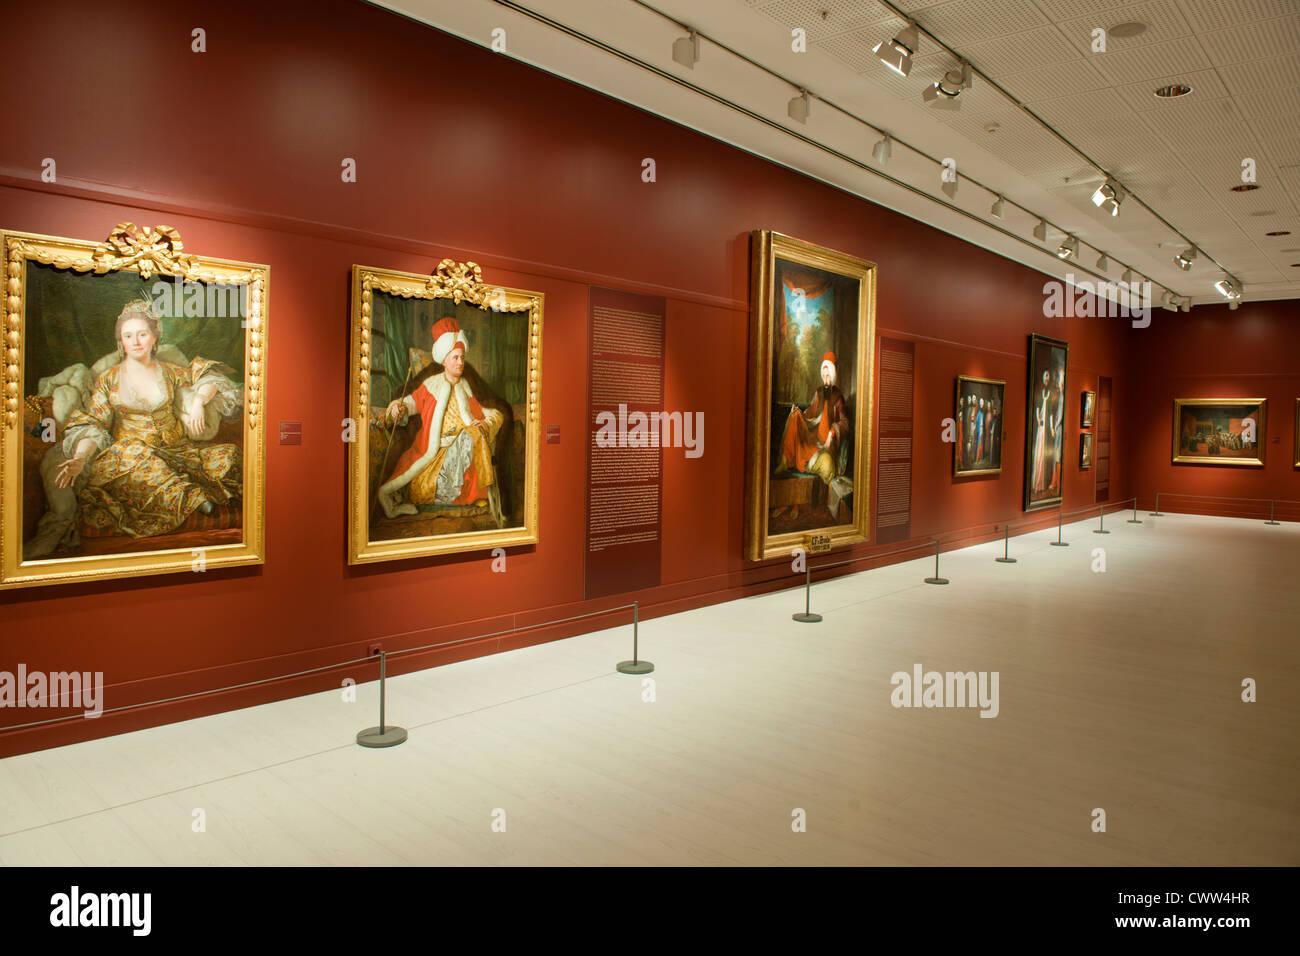 Türkei, Istanbul, Beyoglu, Tepabasi, das Pera-Museum ist ein Kunstmuseum. Malerei aus der osmanischen Periode. - Stock Image